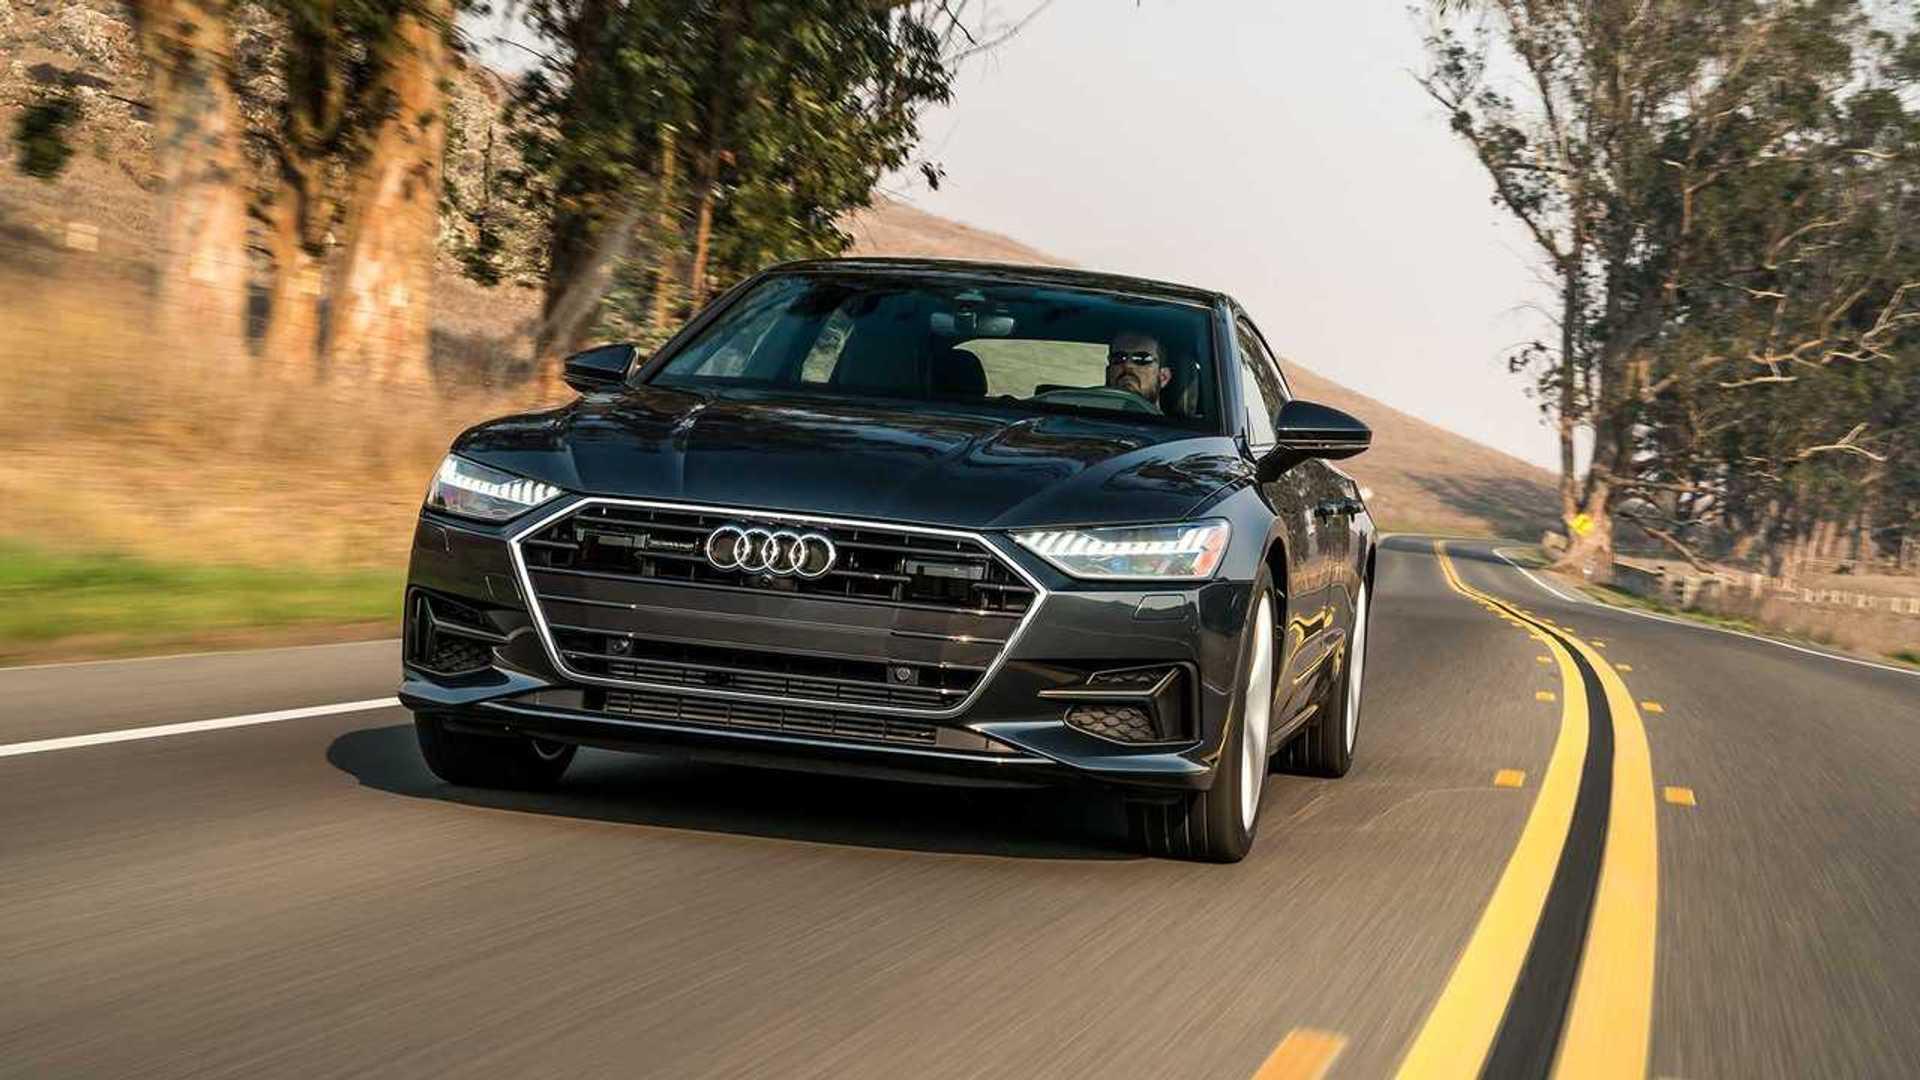 Used Luxury Cars >> Tesla Tops List Of Fastest Selling Used Luxury Cars